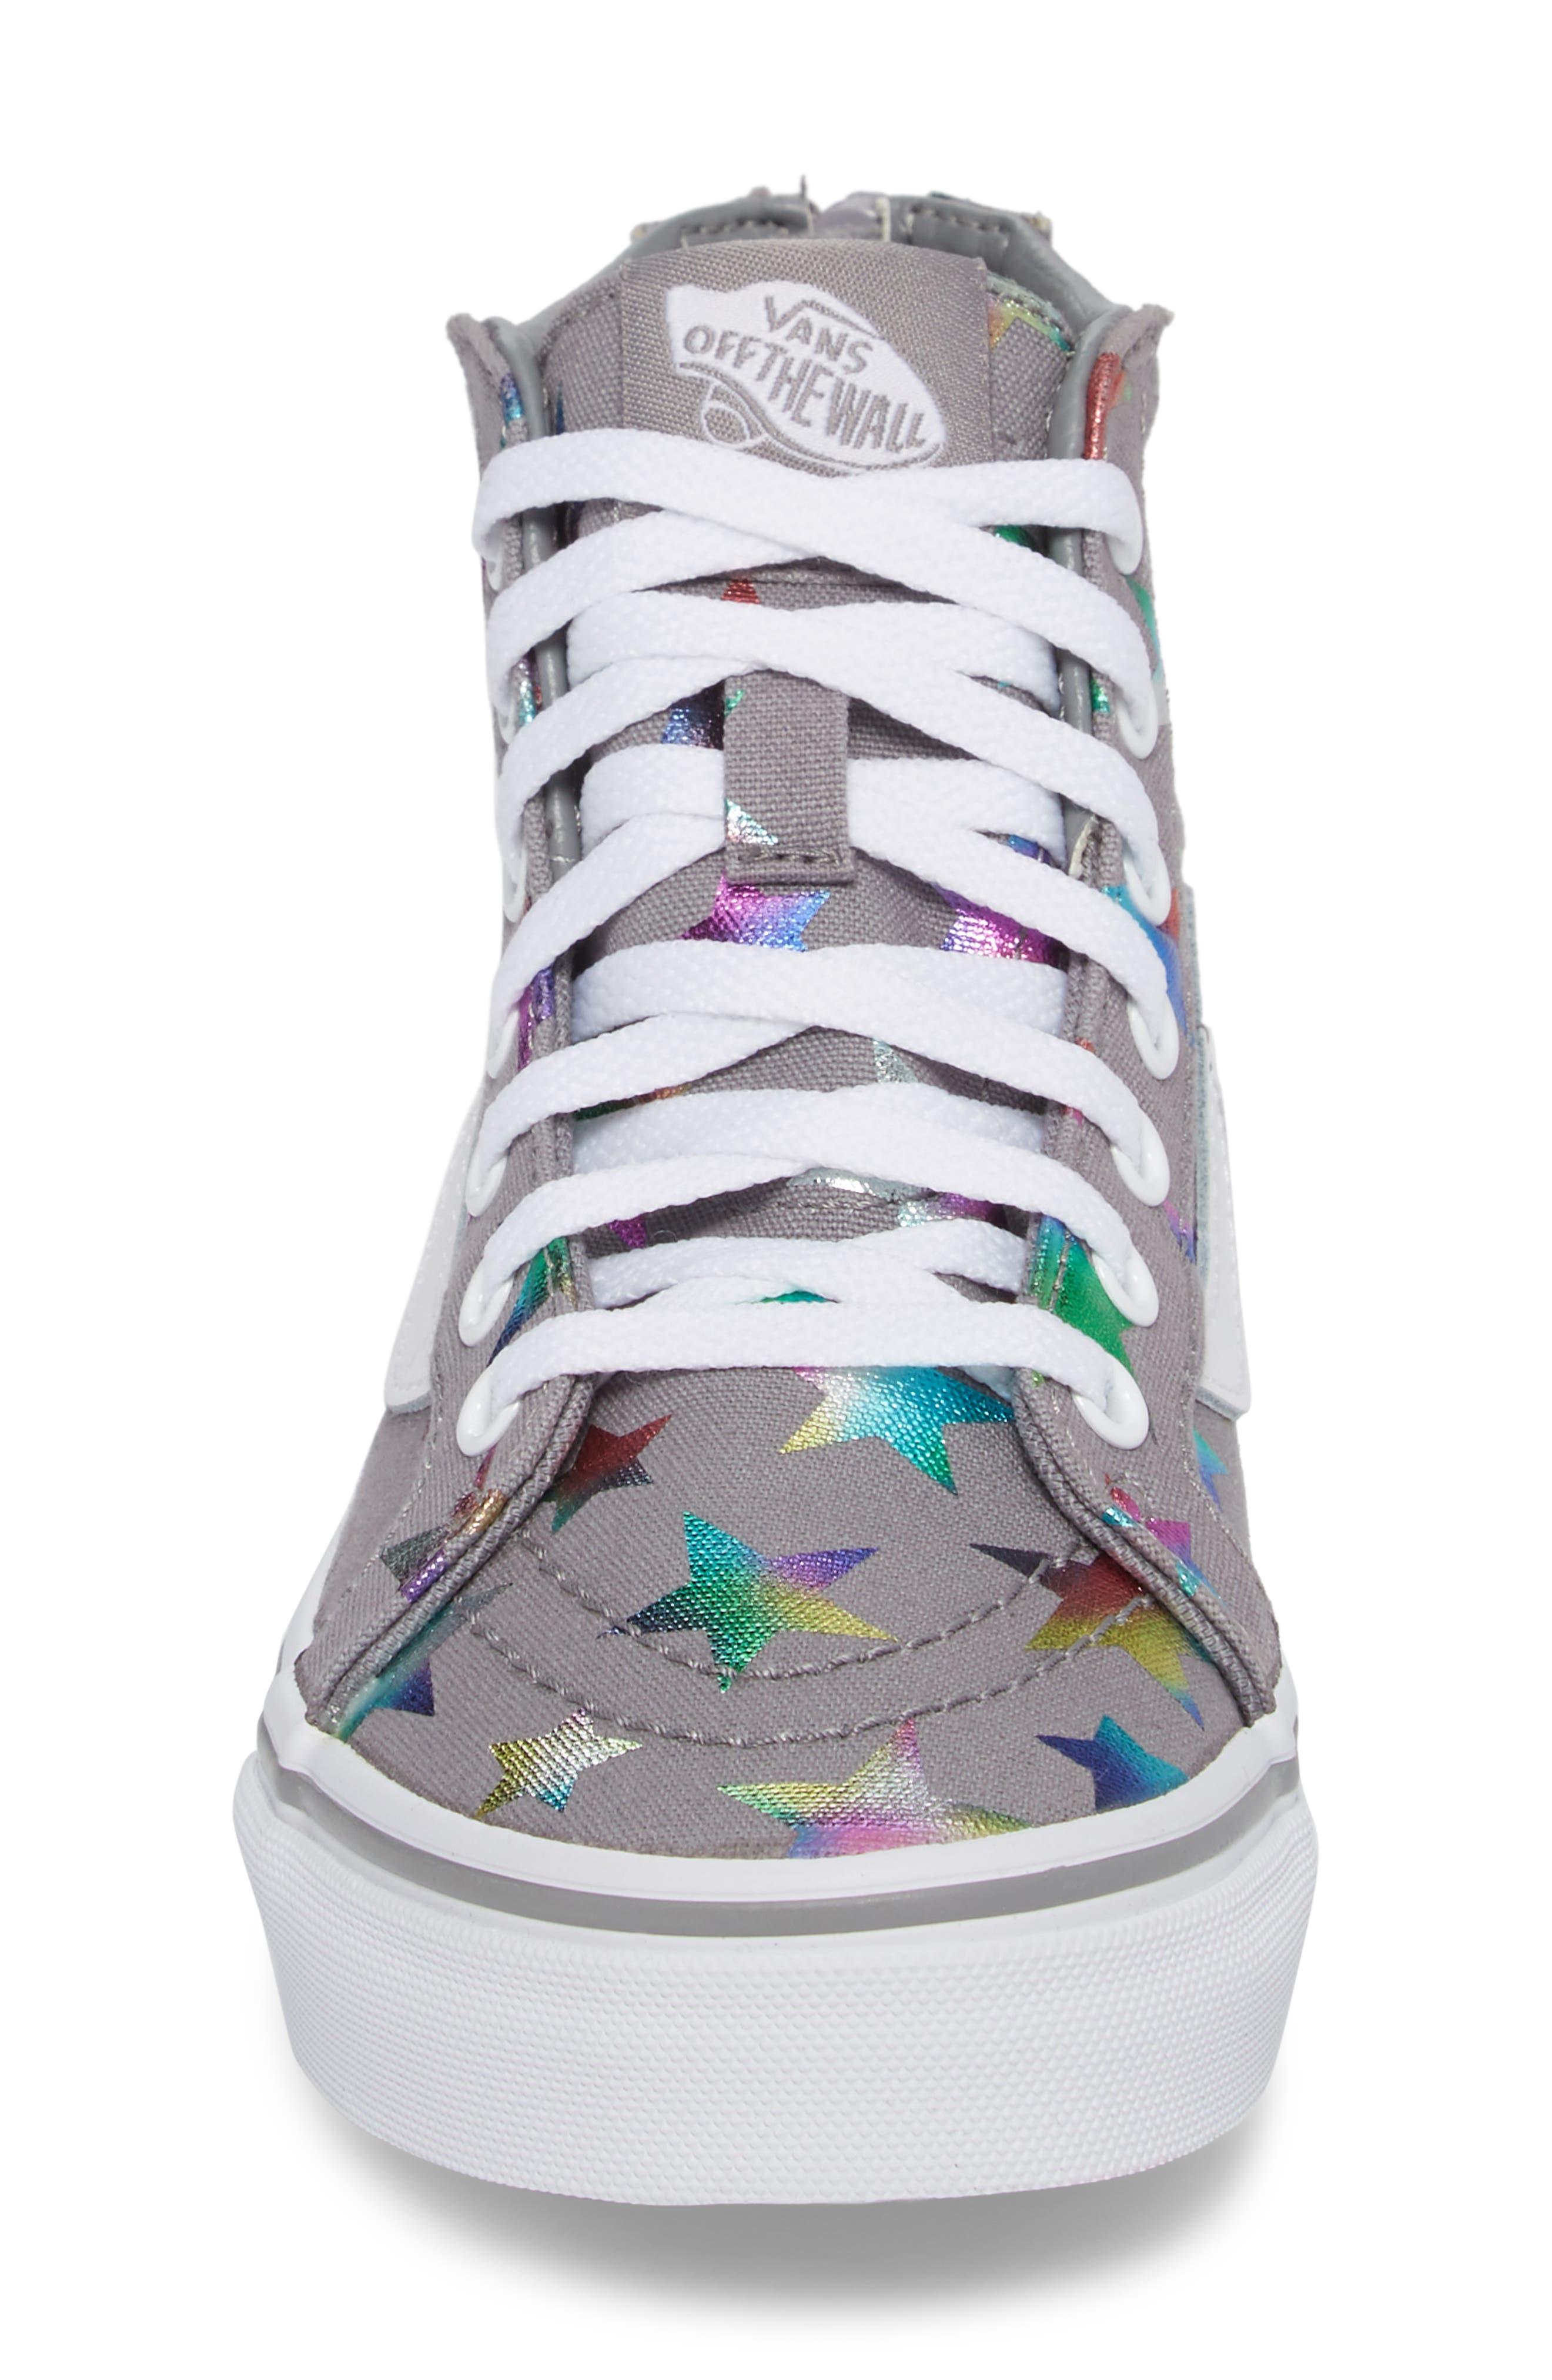 Alternate Image 4  - Vans Sk8-Hi Zip Star Print High Top Sneaker (Baby, Walker, Toddler, Little Kid & Big Kid)